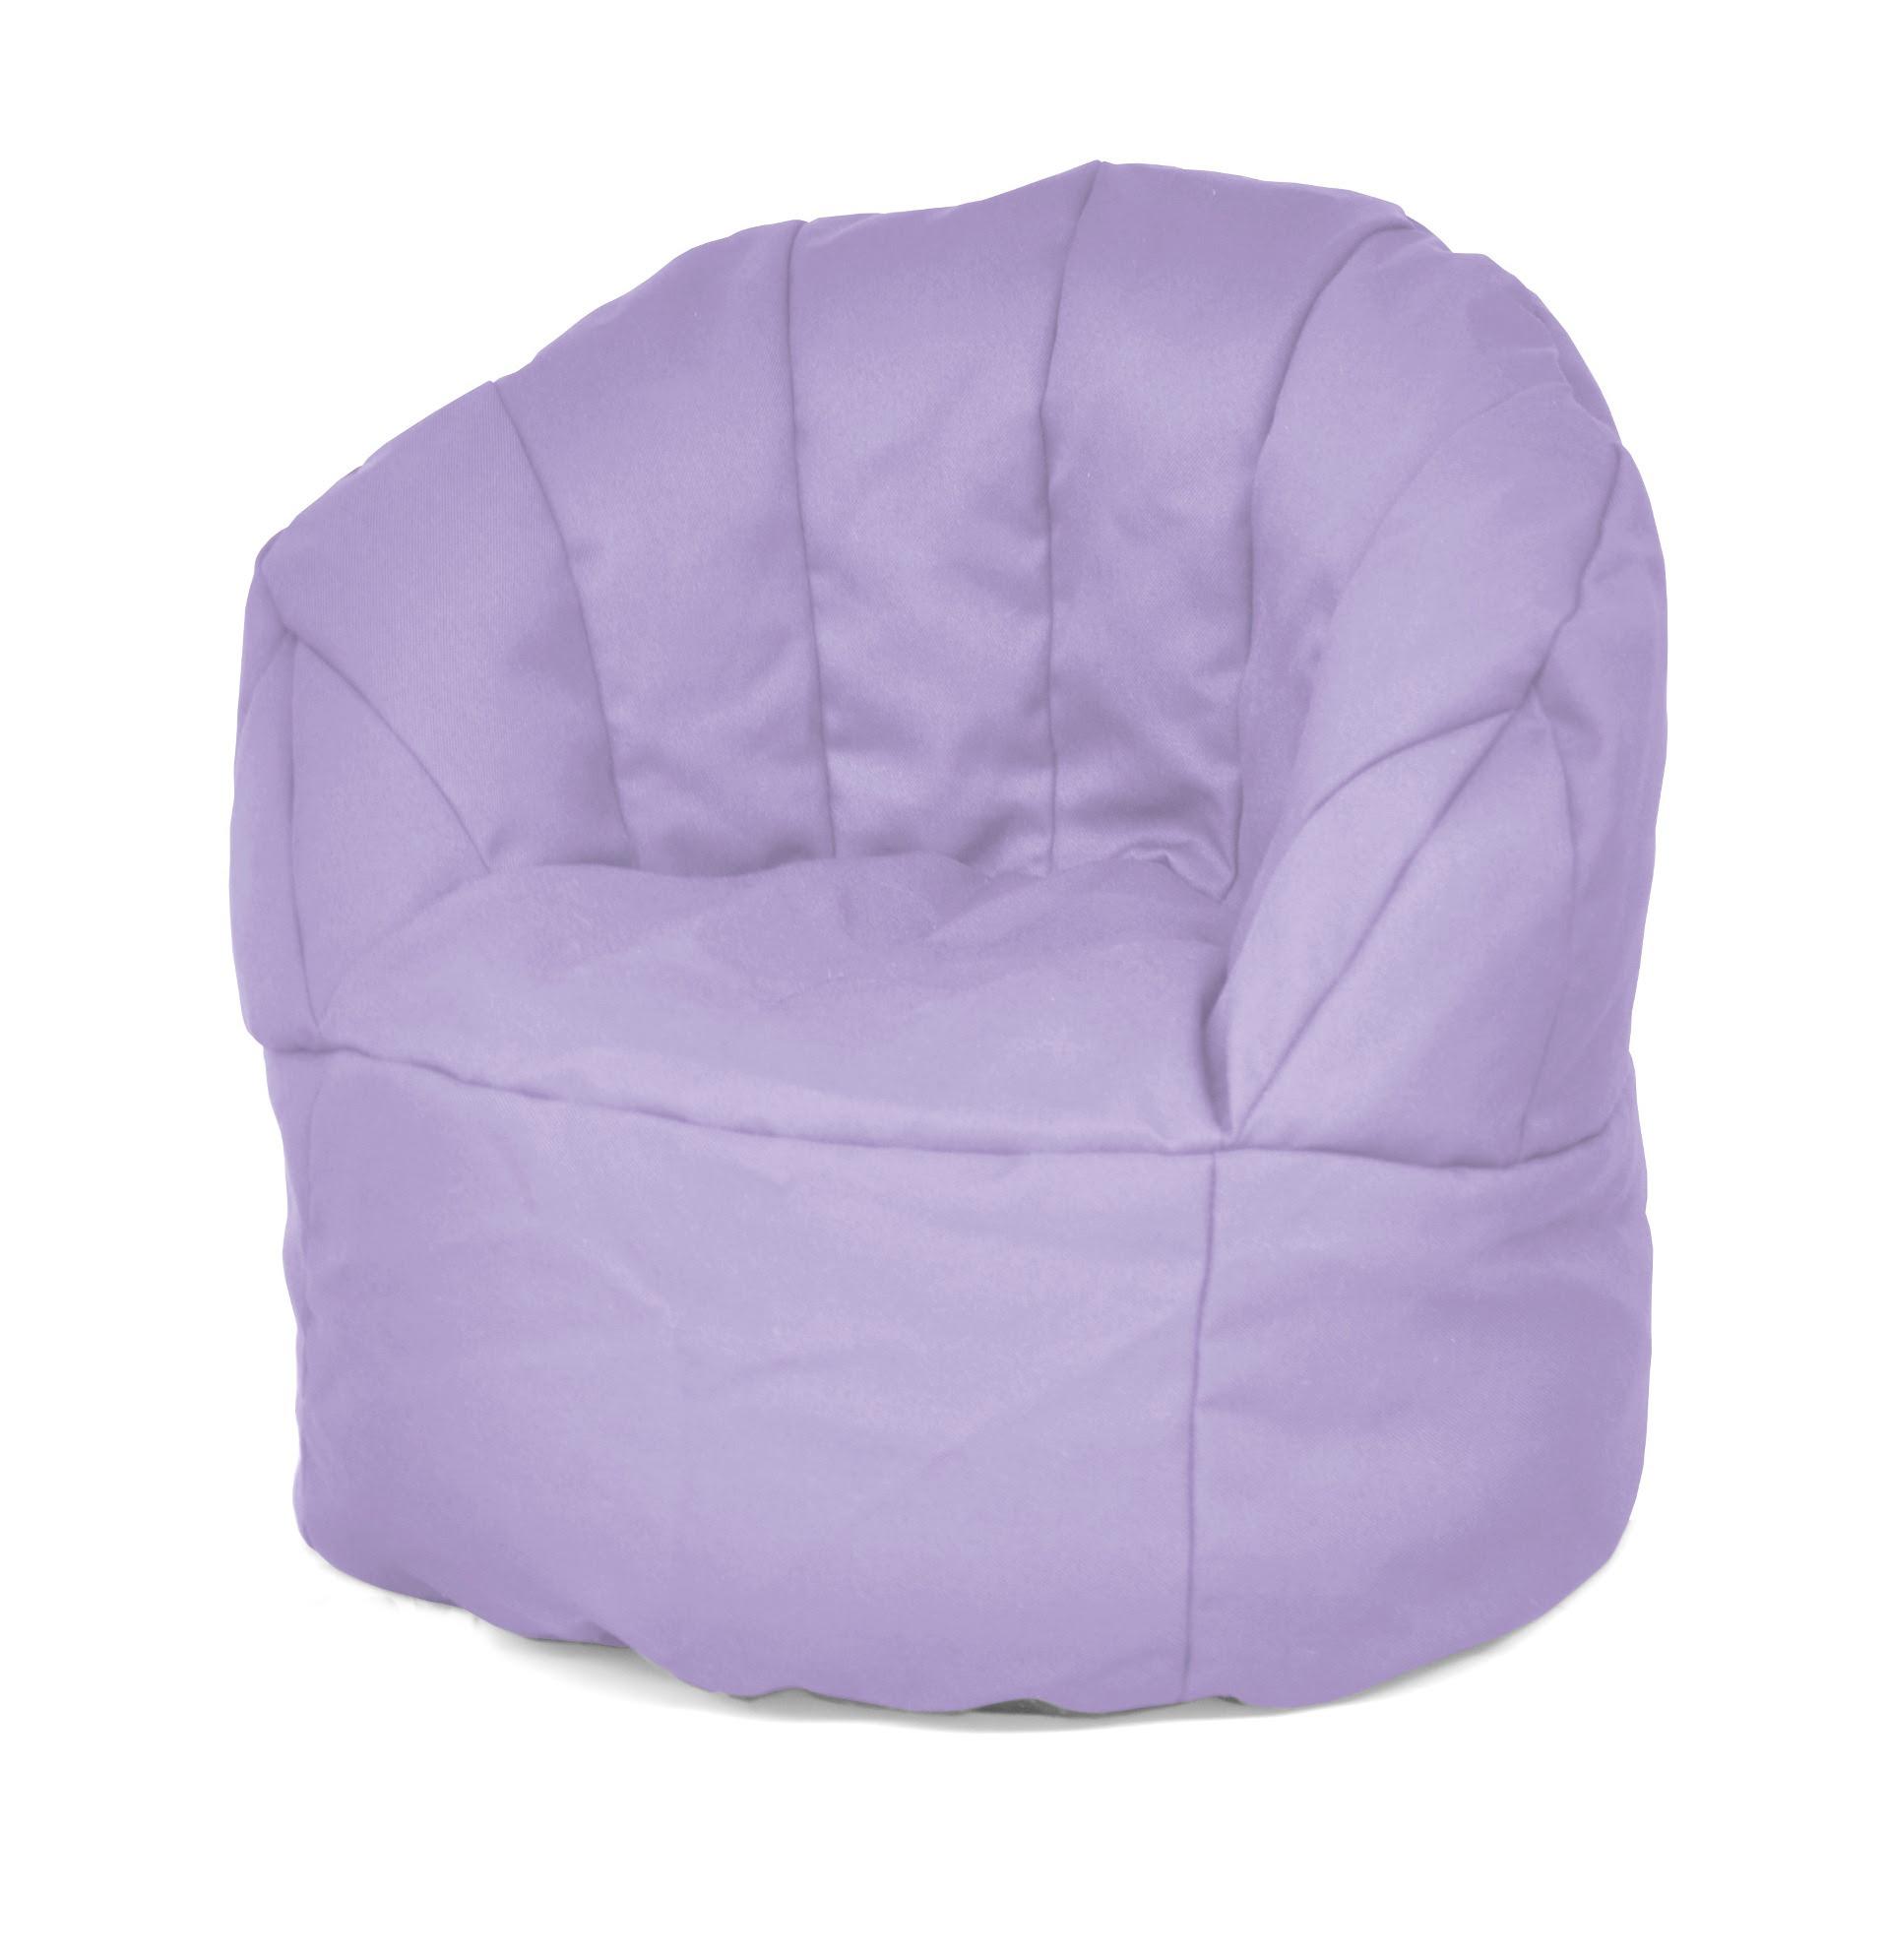 Home Design Architecture Sears Bean Bag Chair